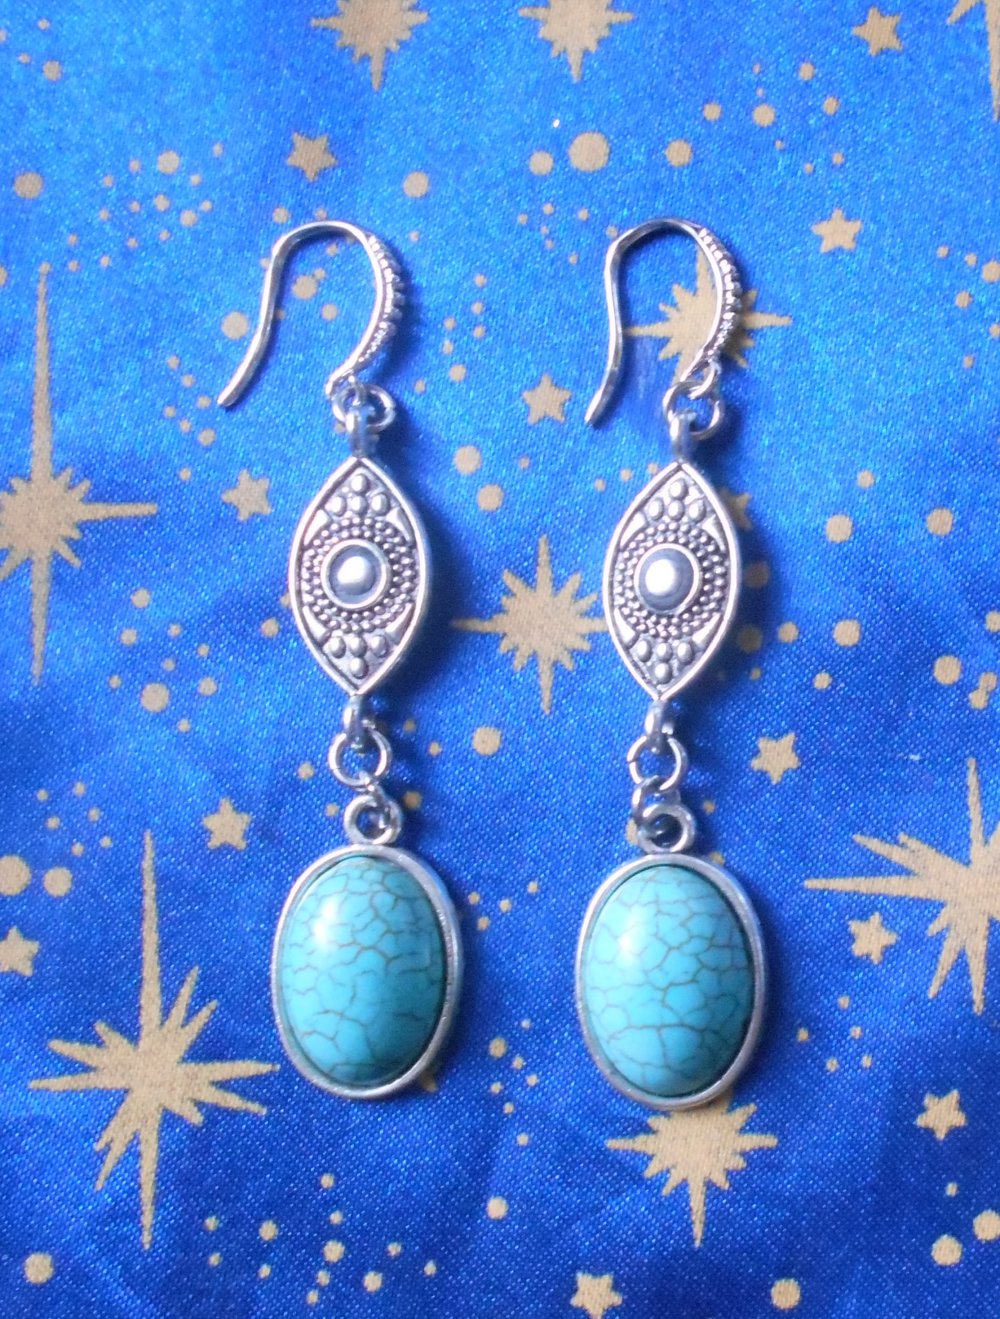 Boucles d'oreilles en alliage argent/étain, motif osiris, avec des turquoises de 13x18mm.